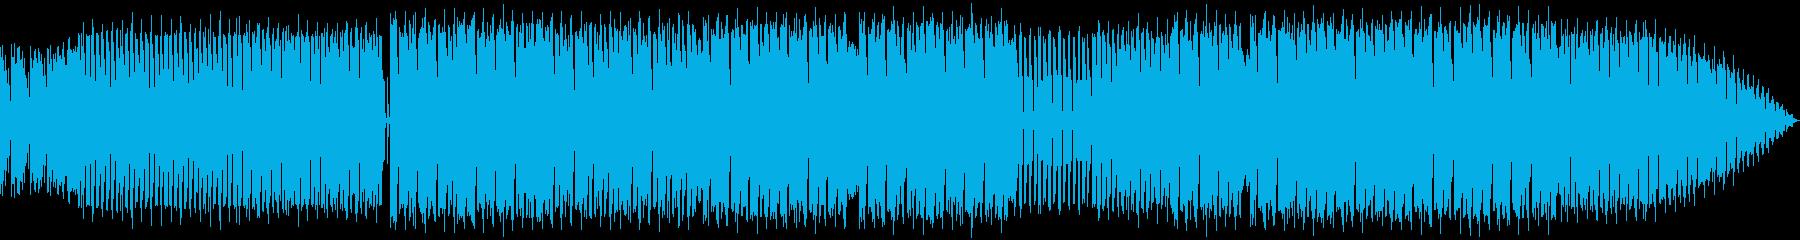 トラップ ヒップホップ 厳Sol ...の再生済みの波形